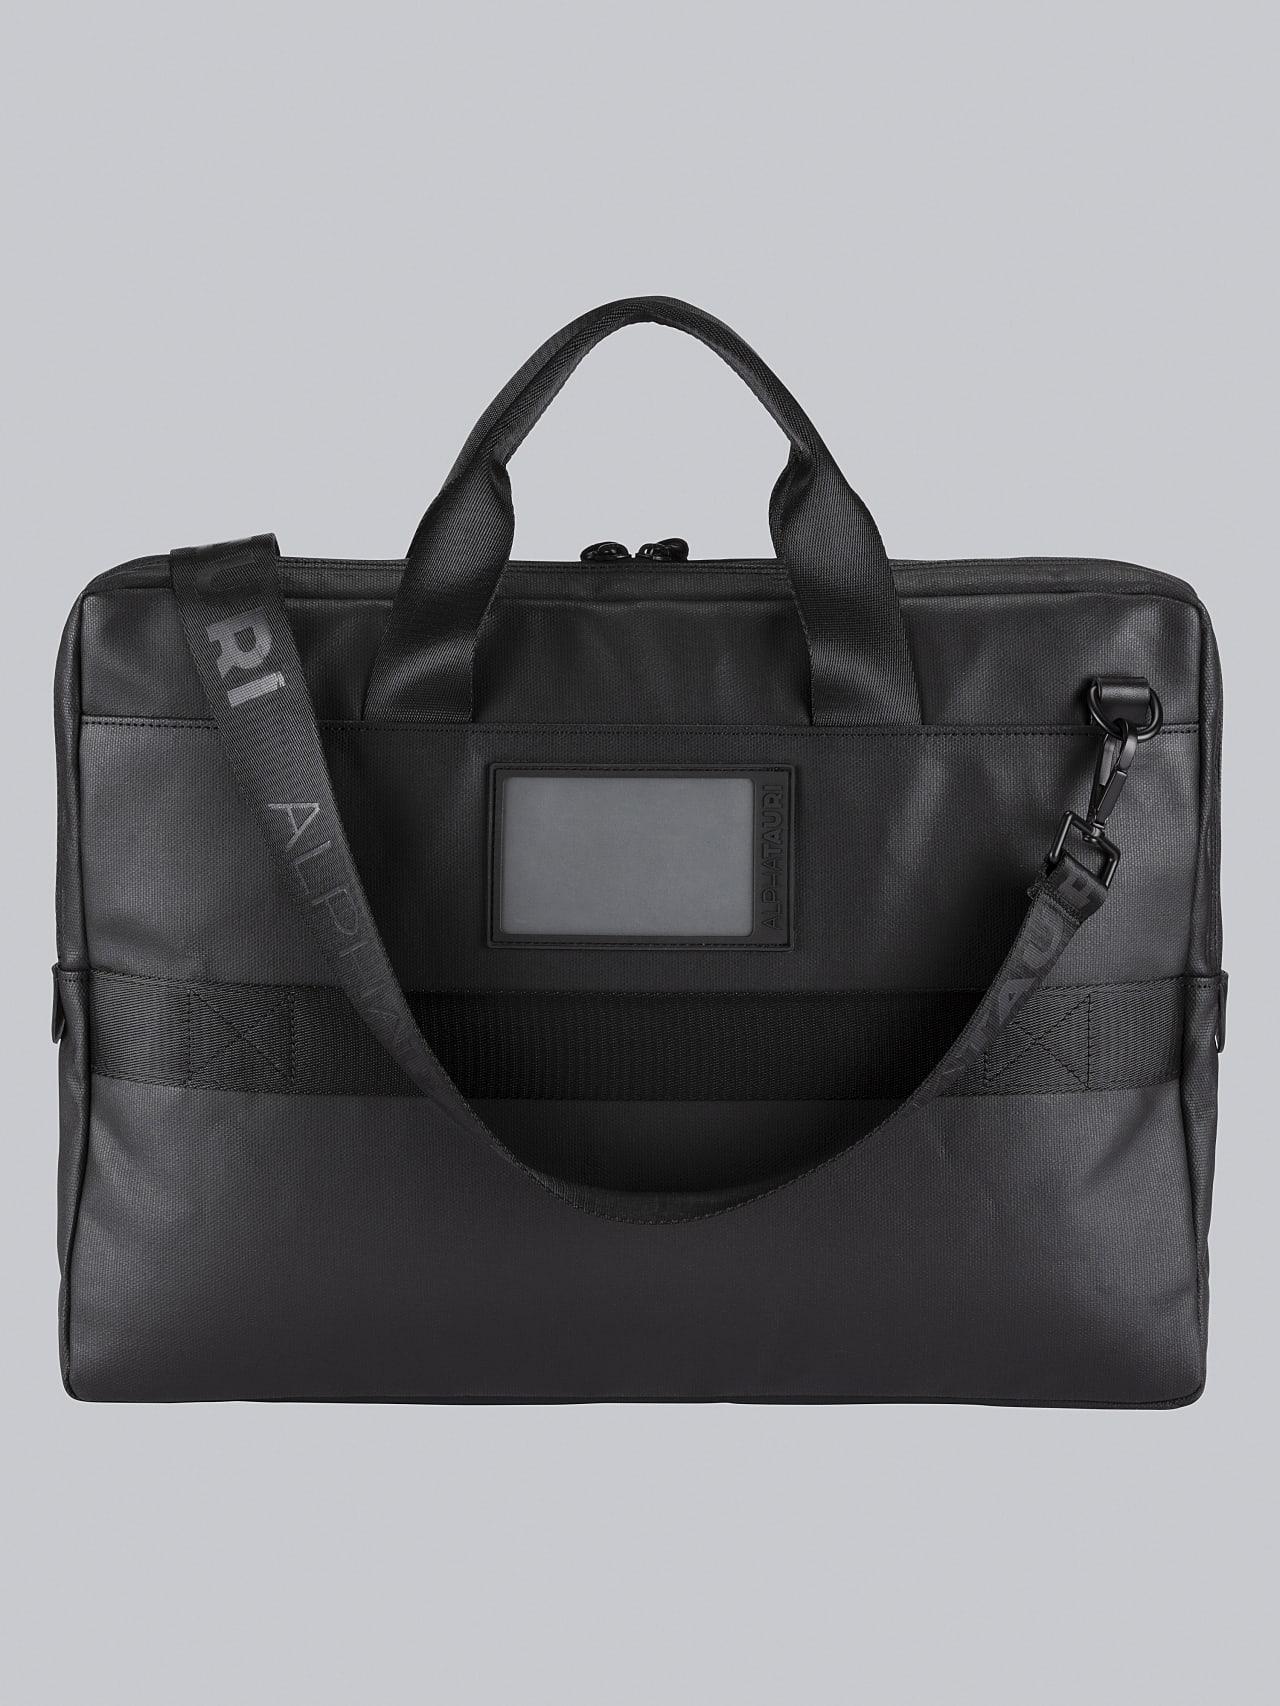 ABELO V1.Y5.02 Leather Laptop Bag dark grey / anthracite Left Alpha Tauri